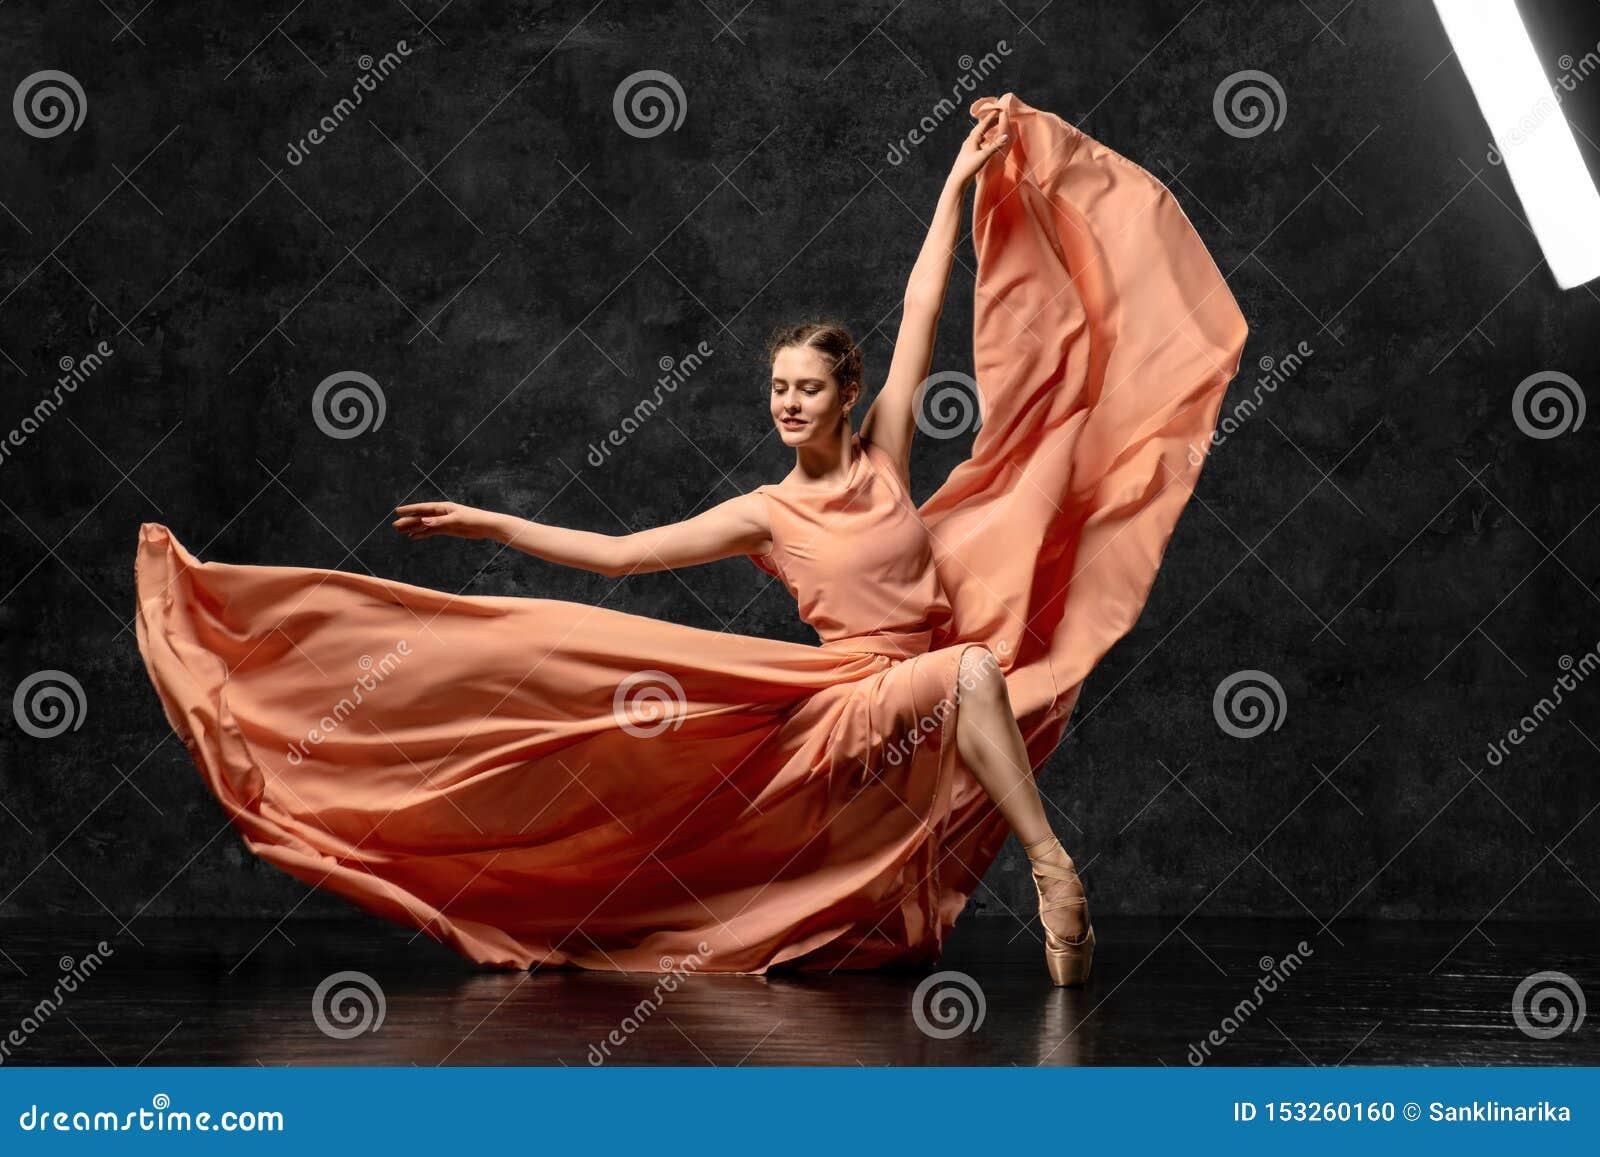 Een jonge balletdanser danst elegant op de vloer van een balletstudio Mooi klassiek ballet